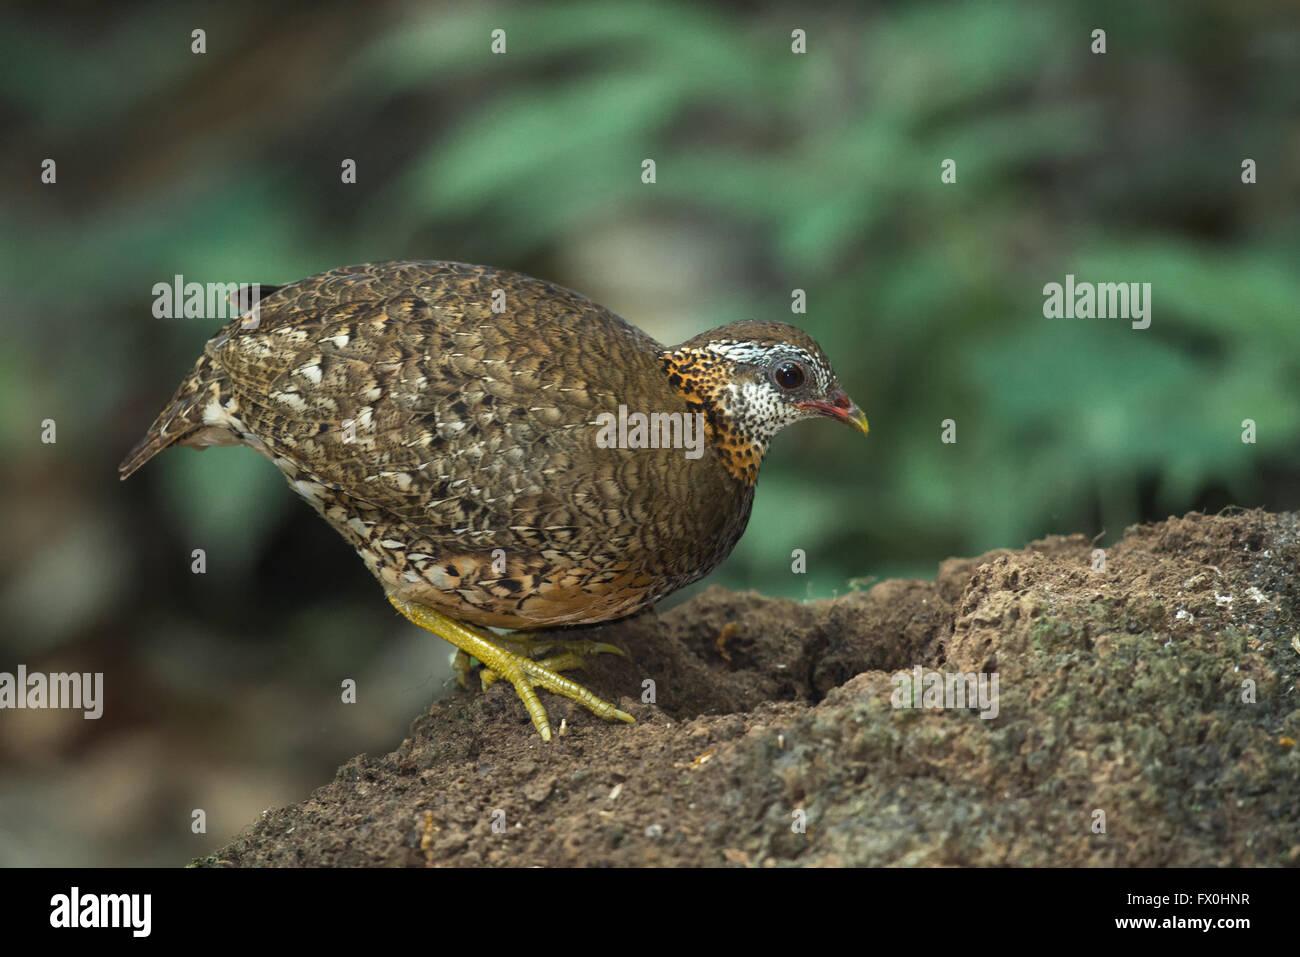 Scaly-breasted Partridge, Arborophila chloropus peninsularis, at Kaeng Krachan National Park, Thailand. AKA Scaly - Stock Image